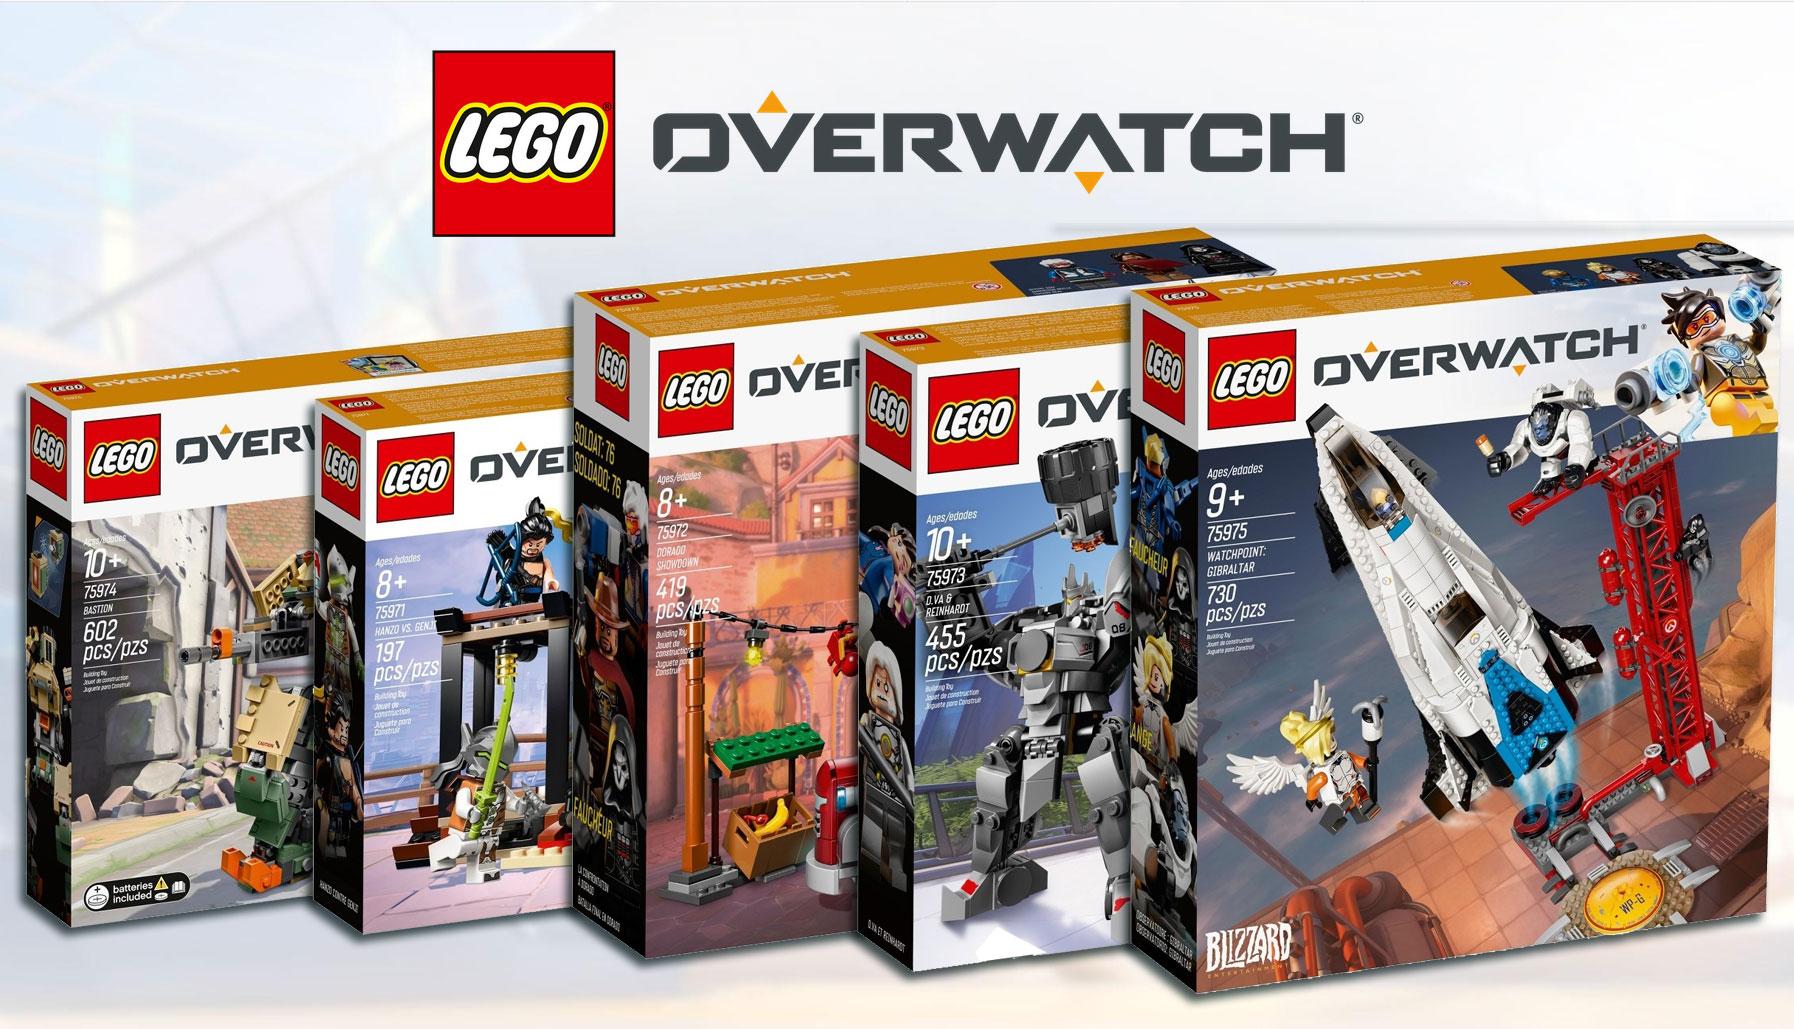 lego overwatch preisvergleich sonderangebote online. Black Bedroom Furniture Sets. Home Design Ideas